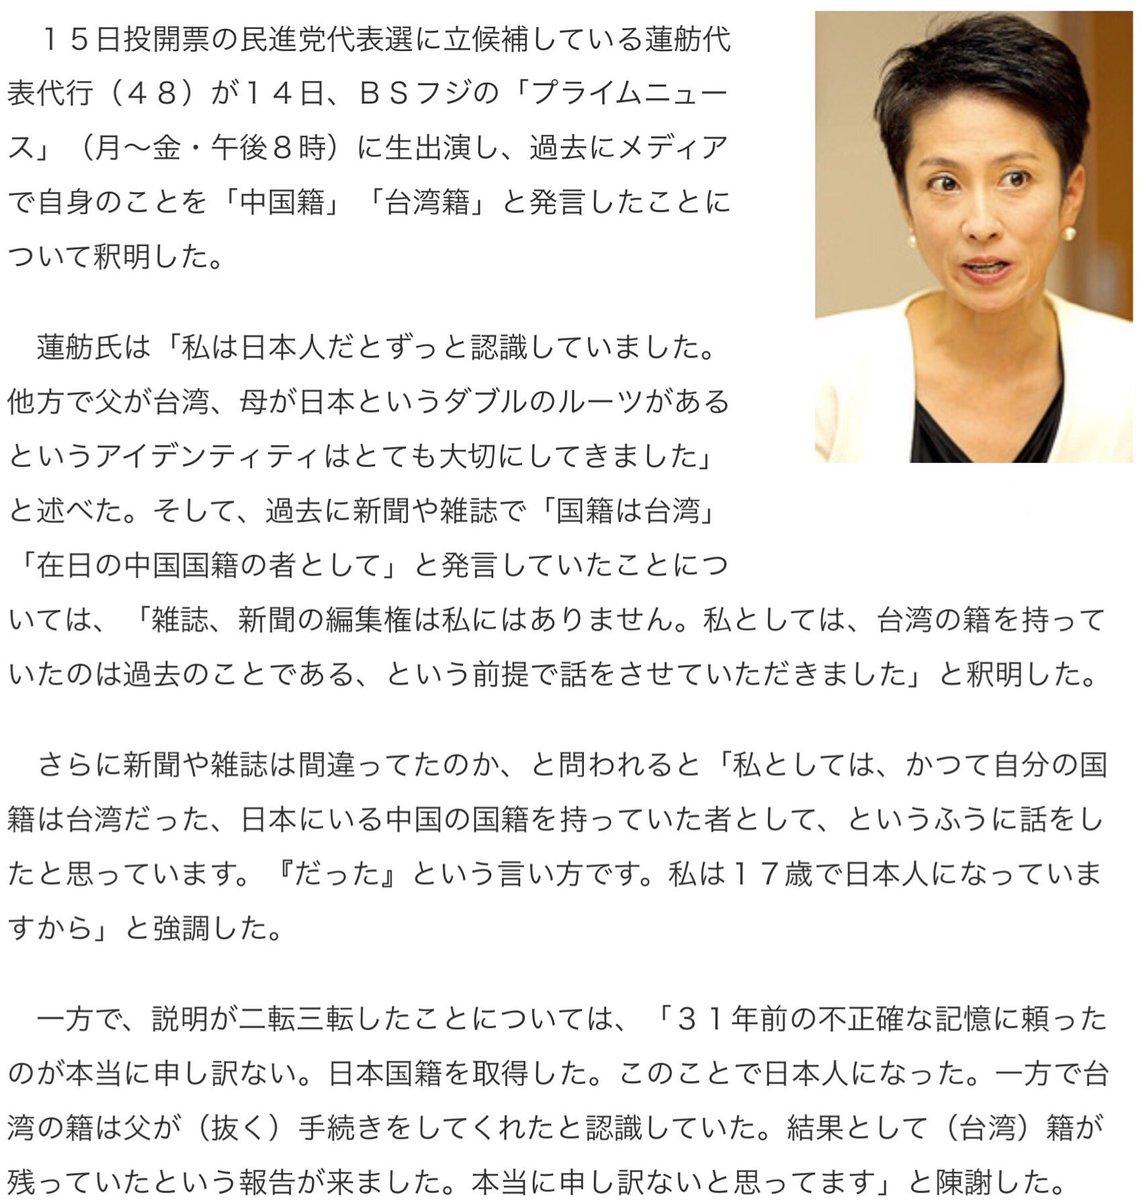 """パンパカ工務店 a Twitter: """"蓮舫氏が過去の「台湾籍」発言を釈明 ..."""